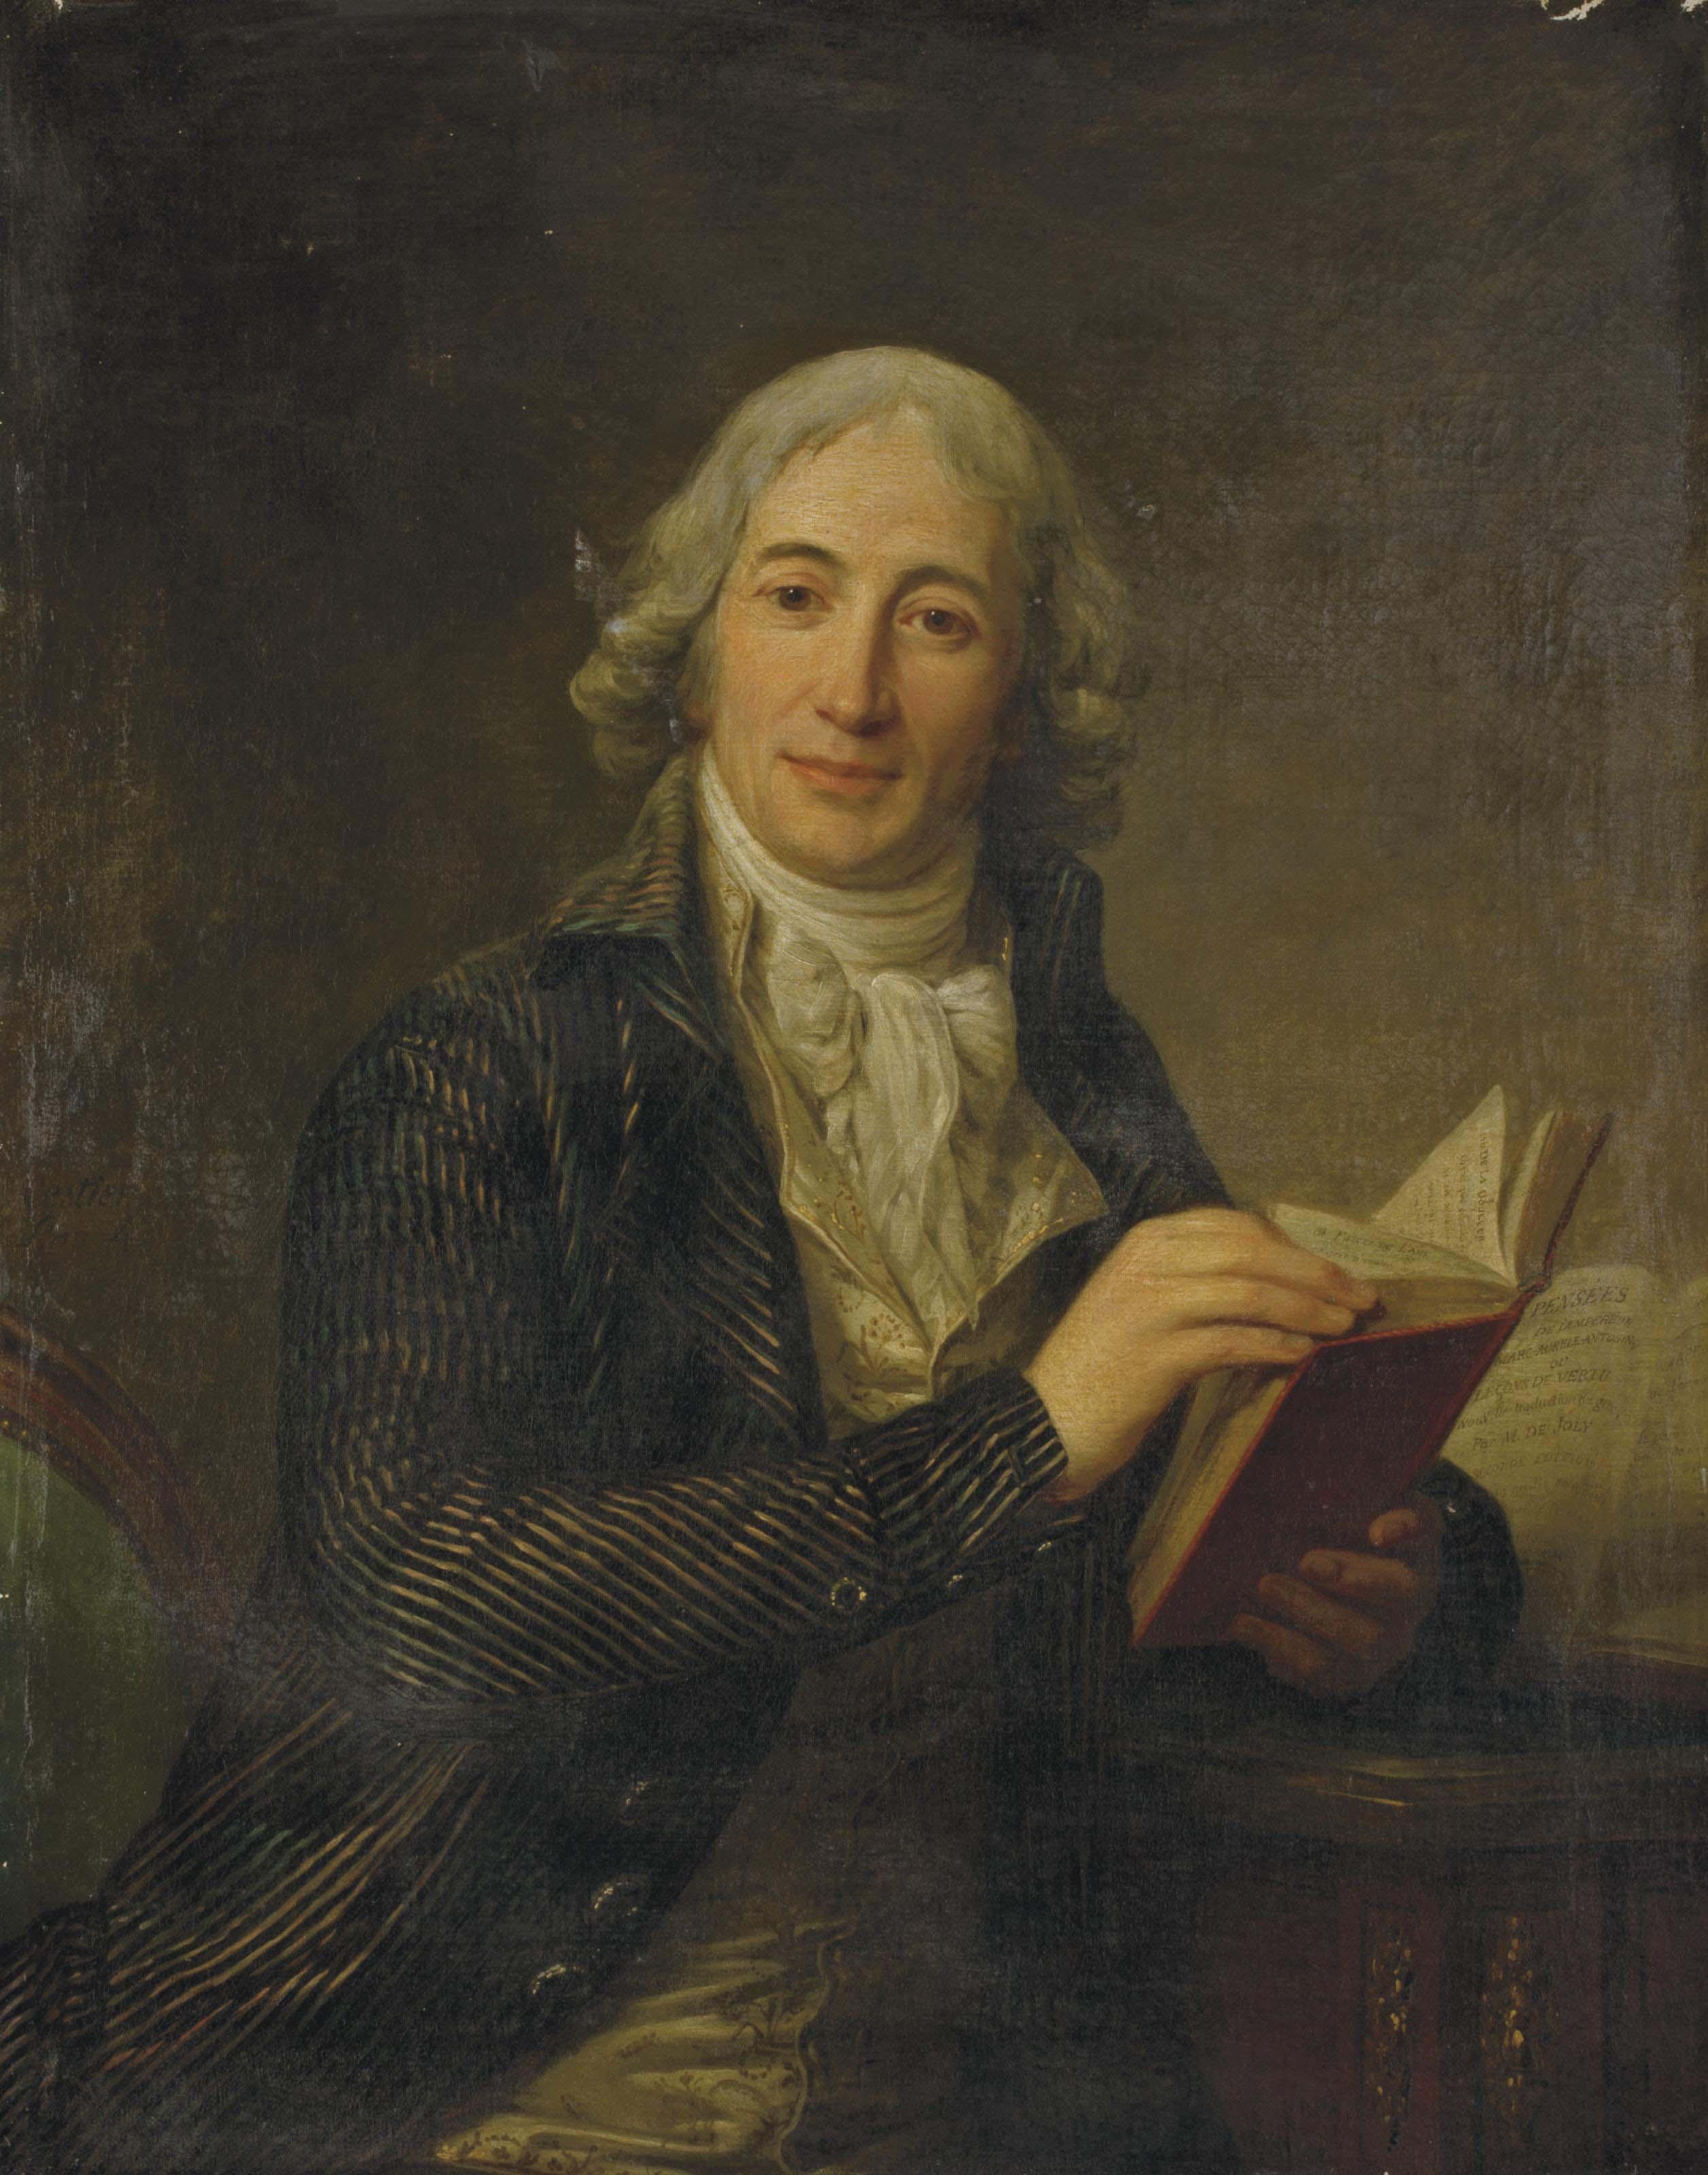 Portrait du Ministre Etienne-Louis-Hector de Joly tenant un livre